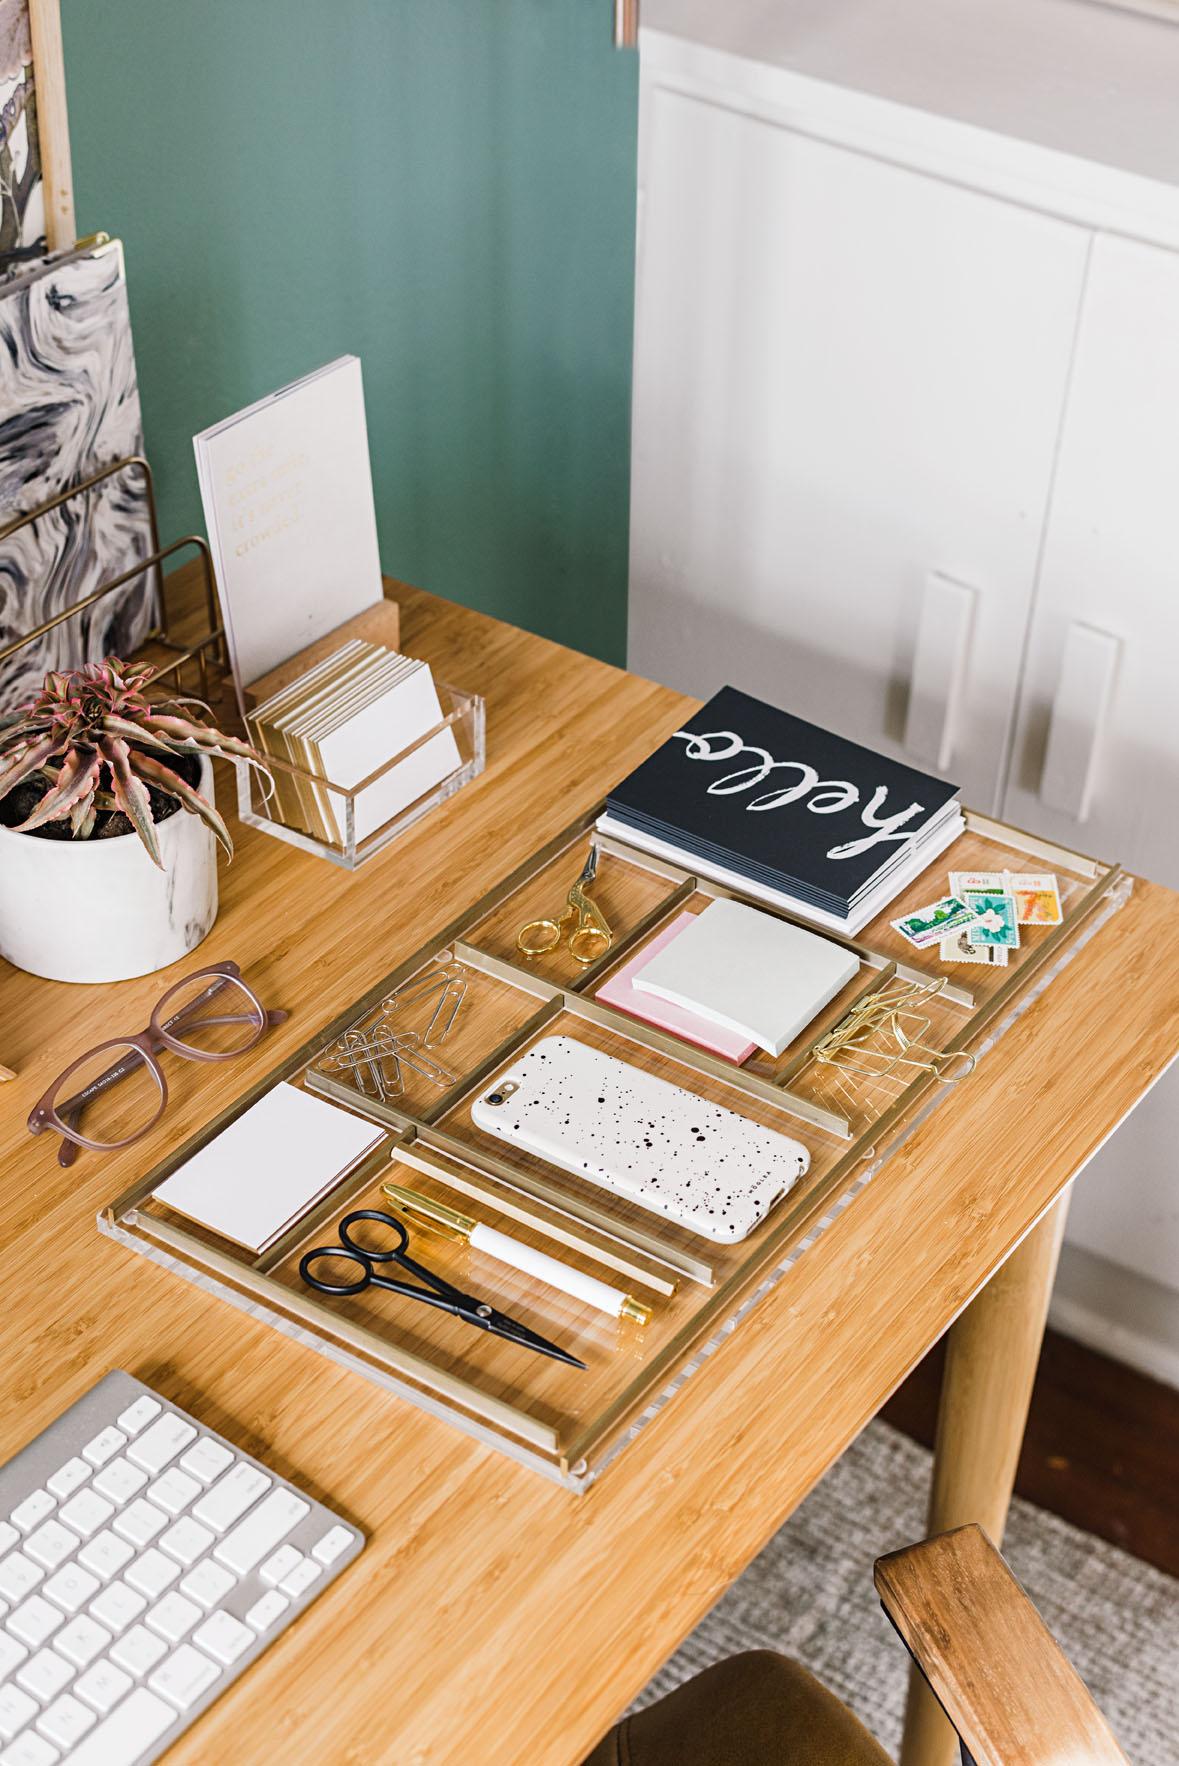 Organize Desk Supplies